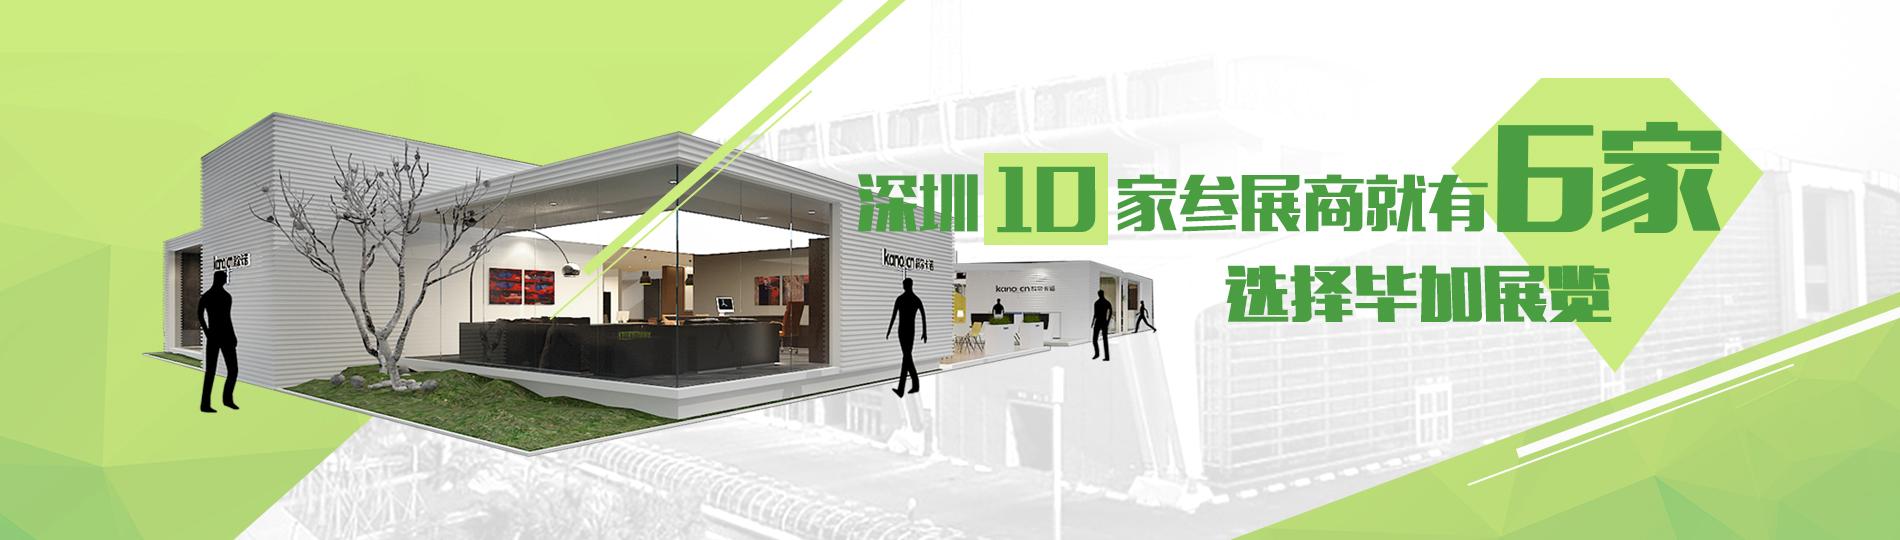 聚焦展覽營銷 打造實效的展覽營銷平臺